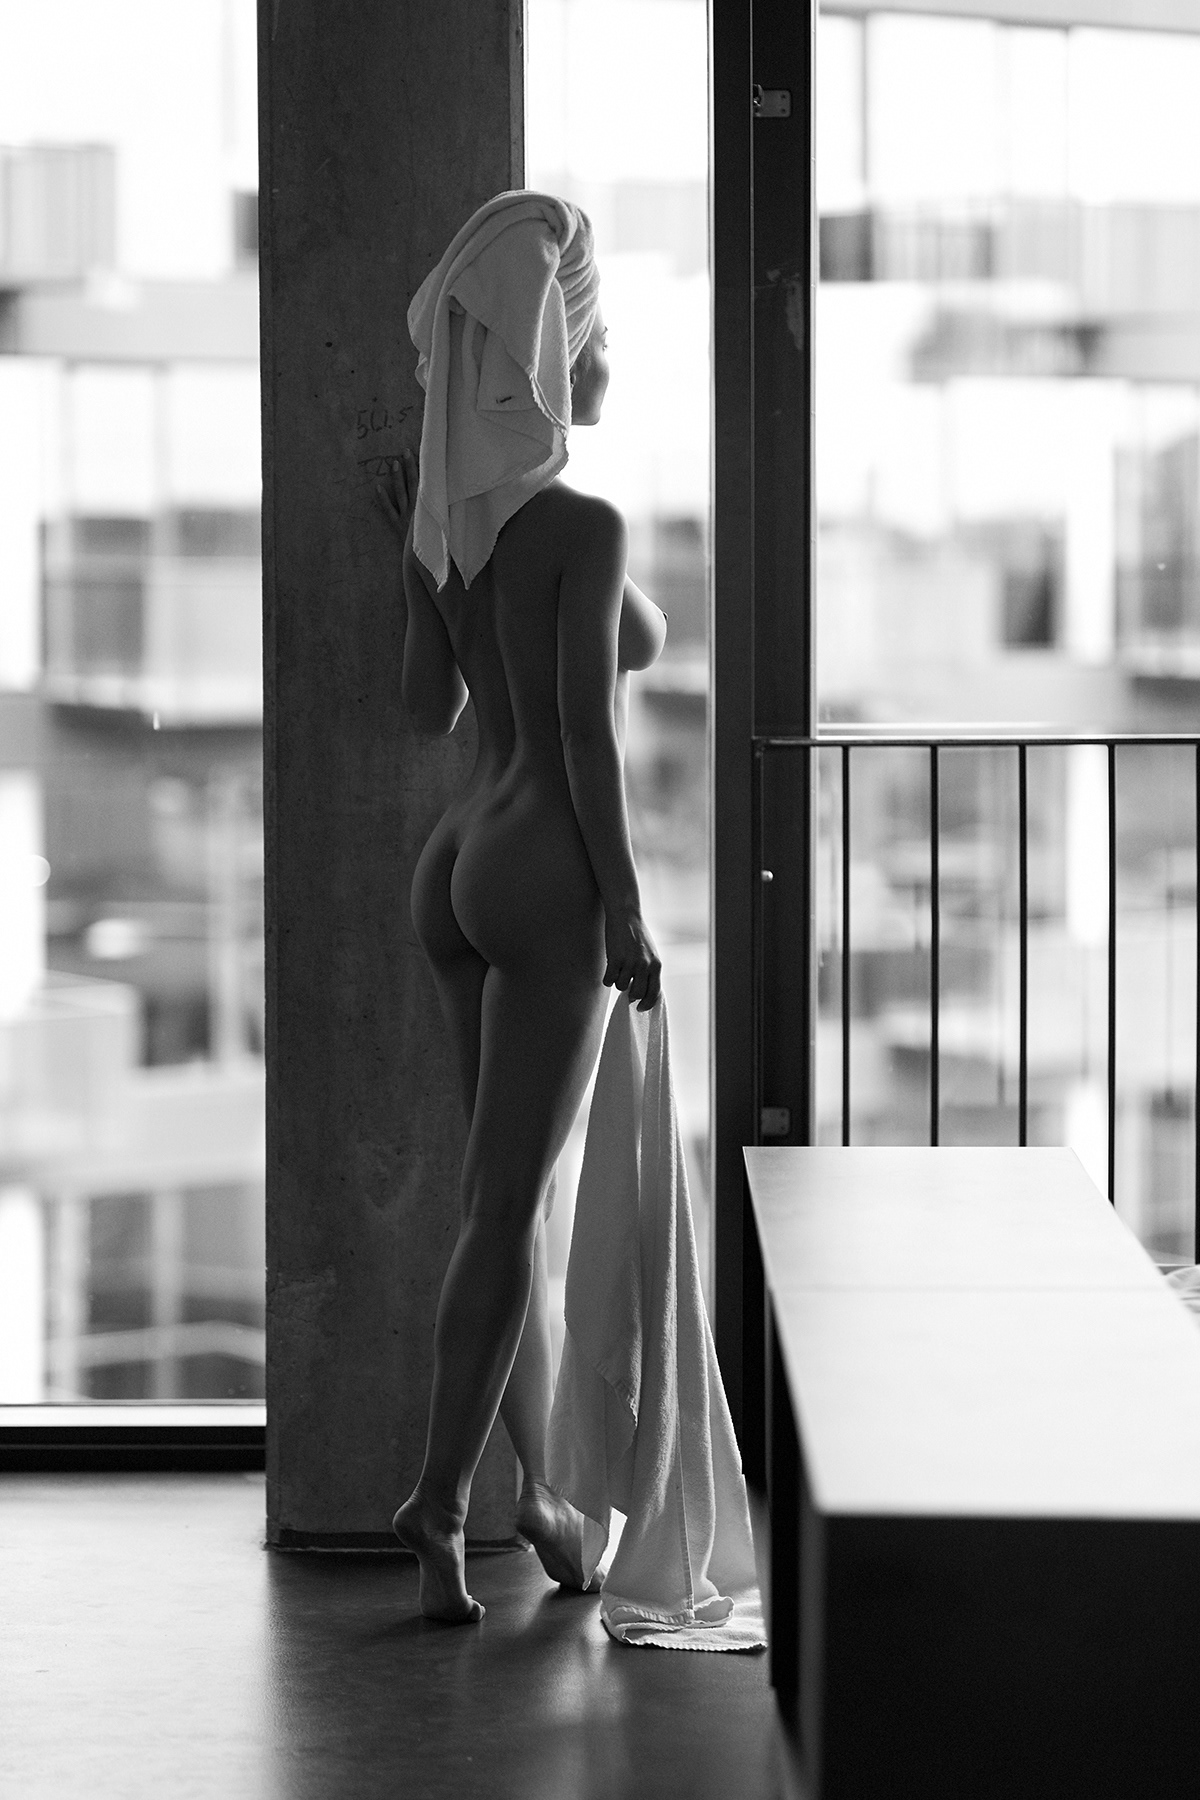 Natalia Andreeva by Joakim Karlsson